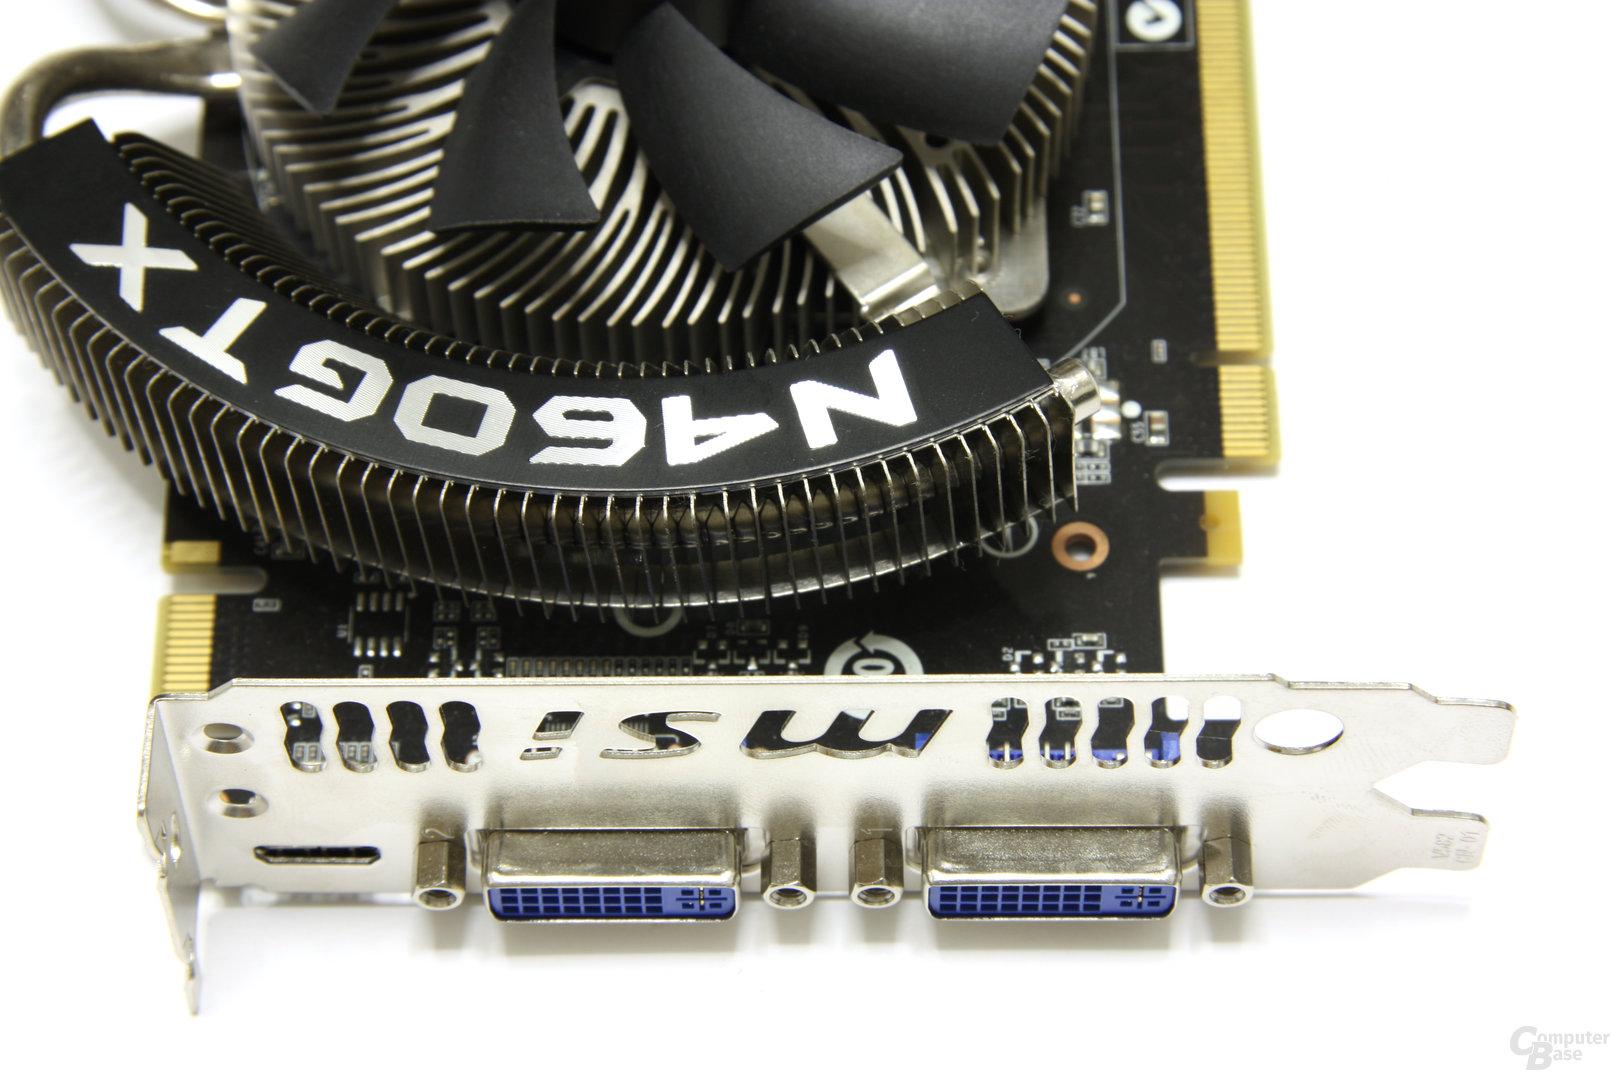 GeForce GTX 460 Cyclone OC Anschlüsse